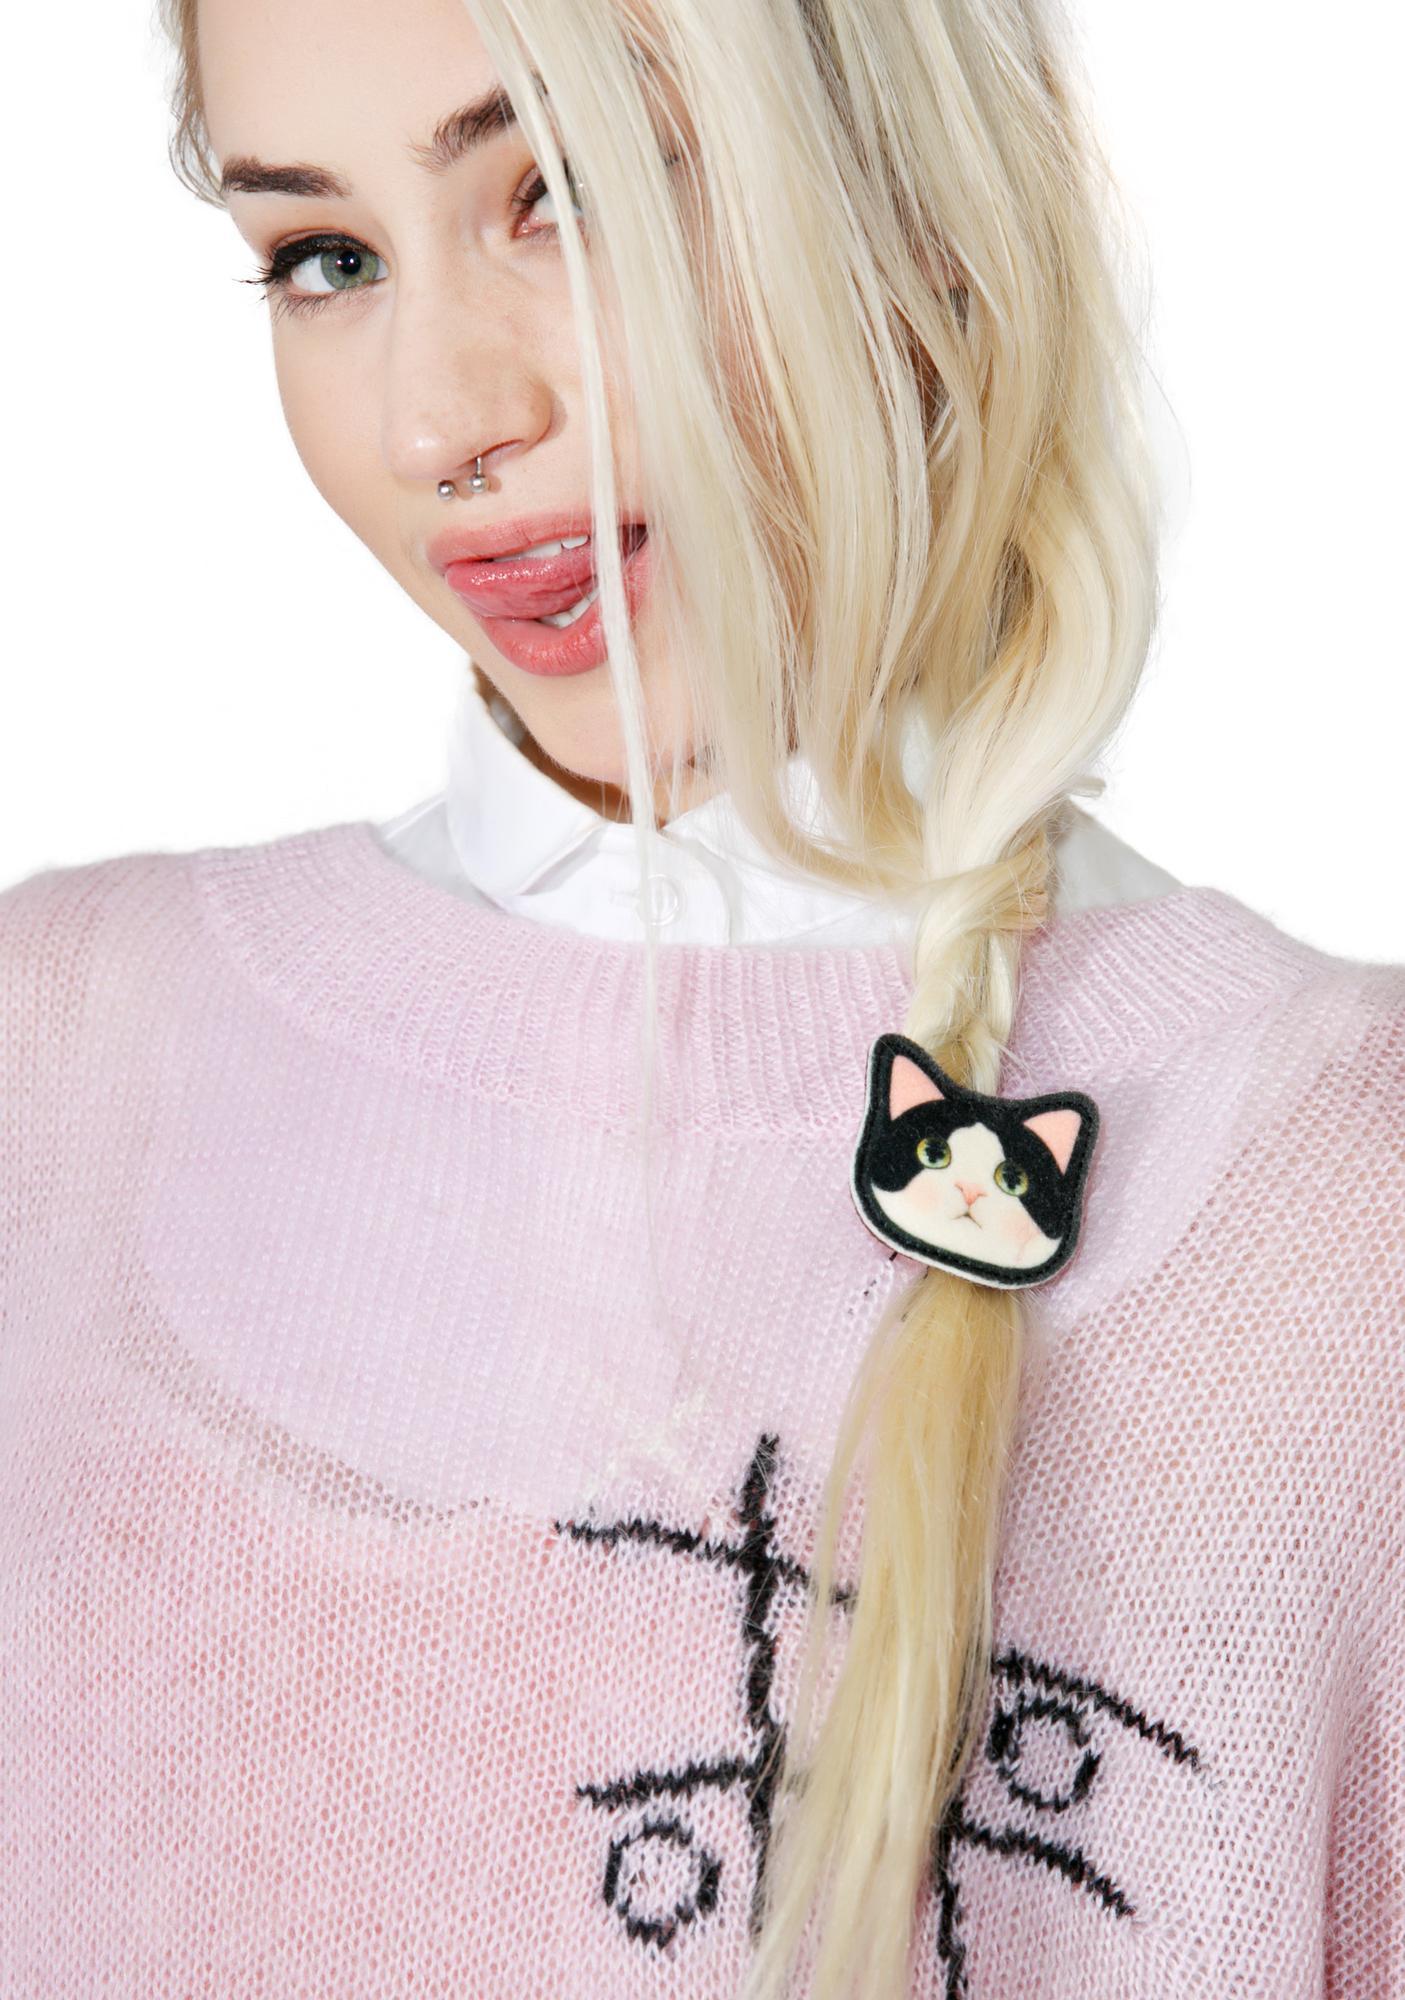 Jetoy Jewelry Hair Tie